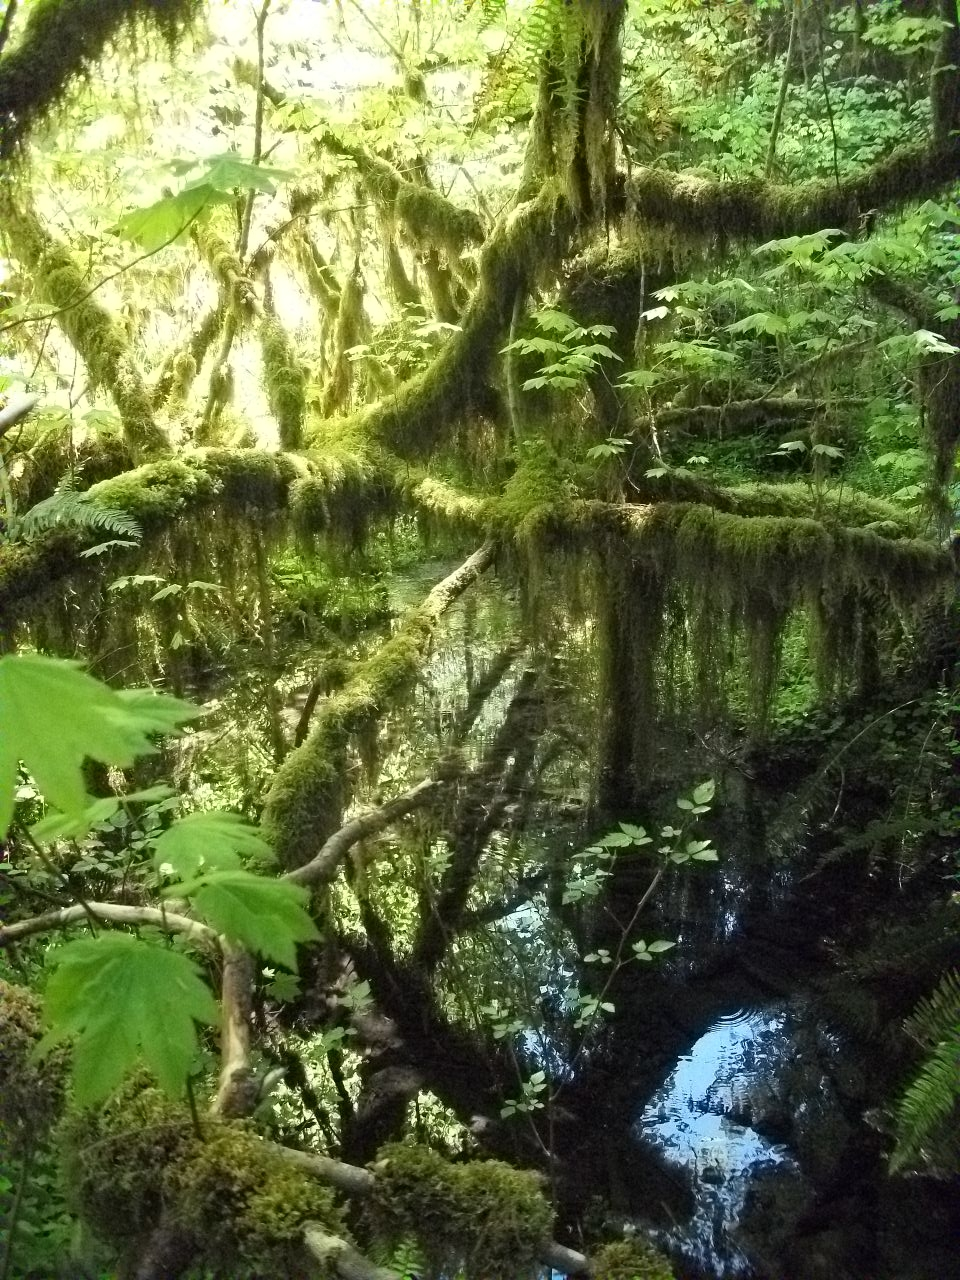 Louisiana hidden in the Hoh Rainforest in WA by pokemontrainerjay